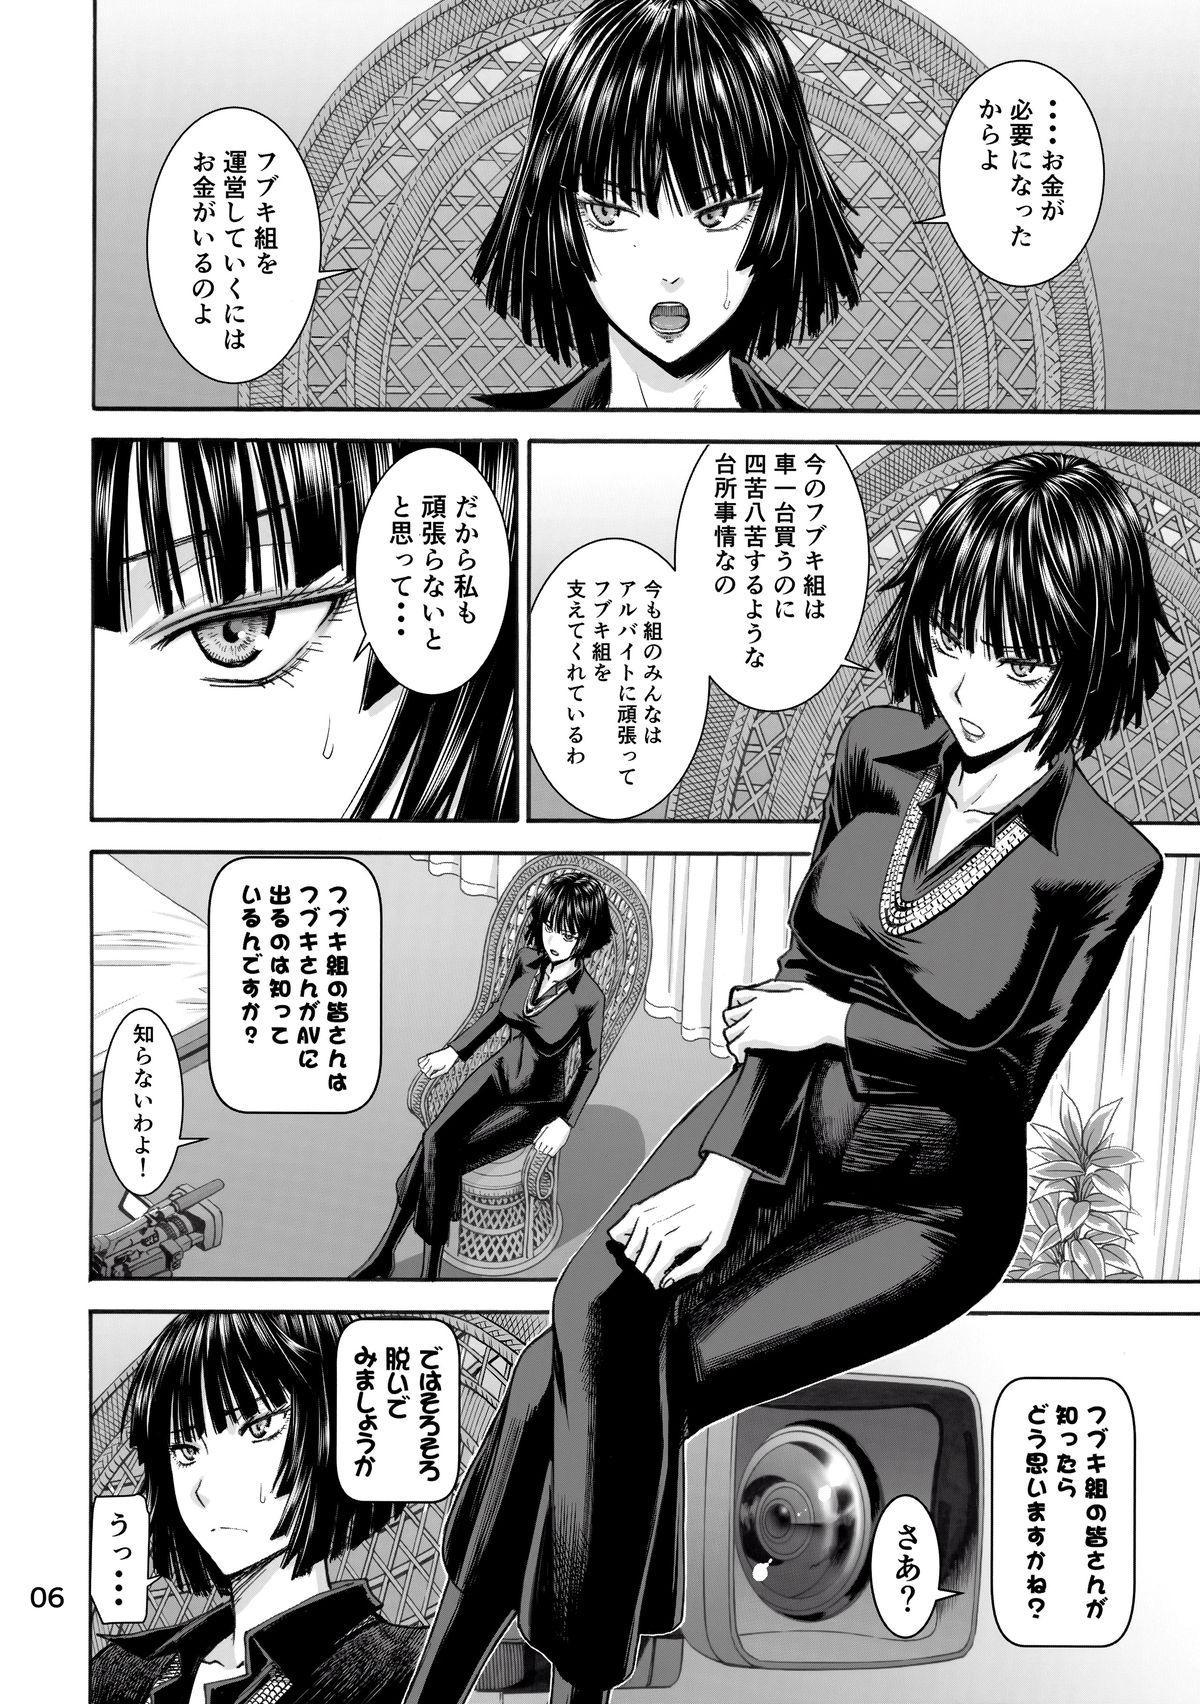 (C89) [High Thrust (Inomaru)] Geneki B-kyuu 1-i Hero Jigoku no Fubuki AV Debut!! (One Punch Man) 5